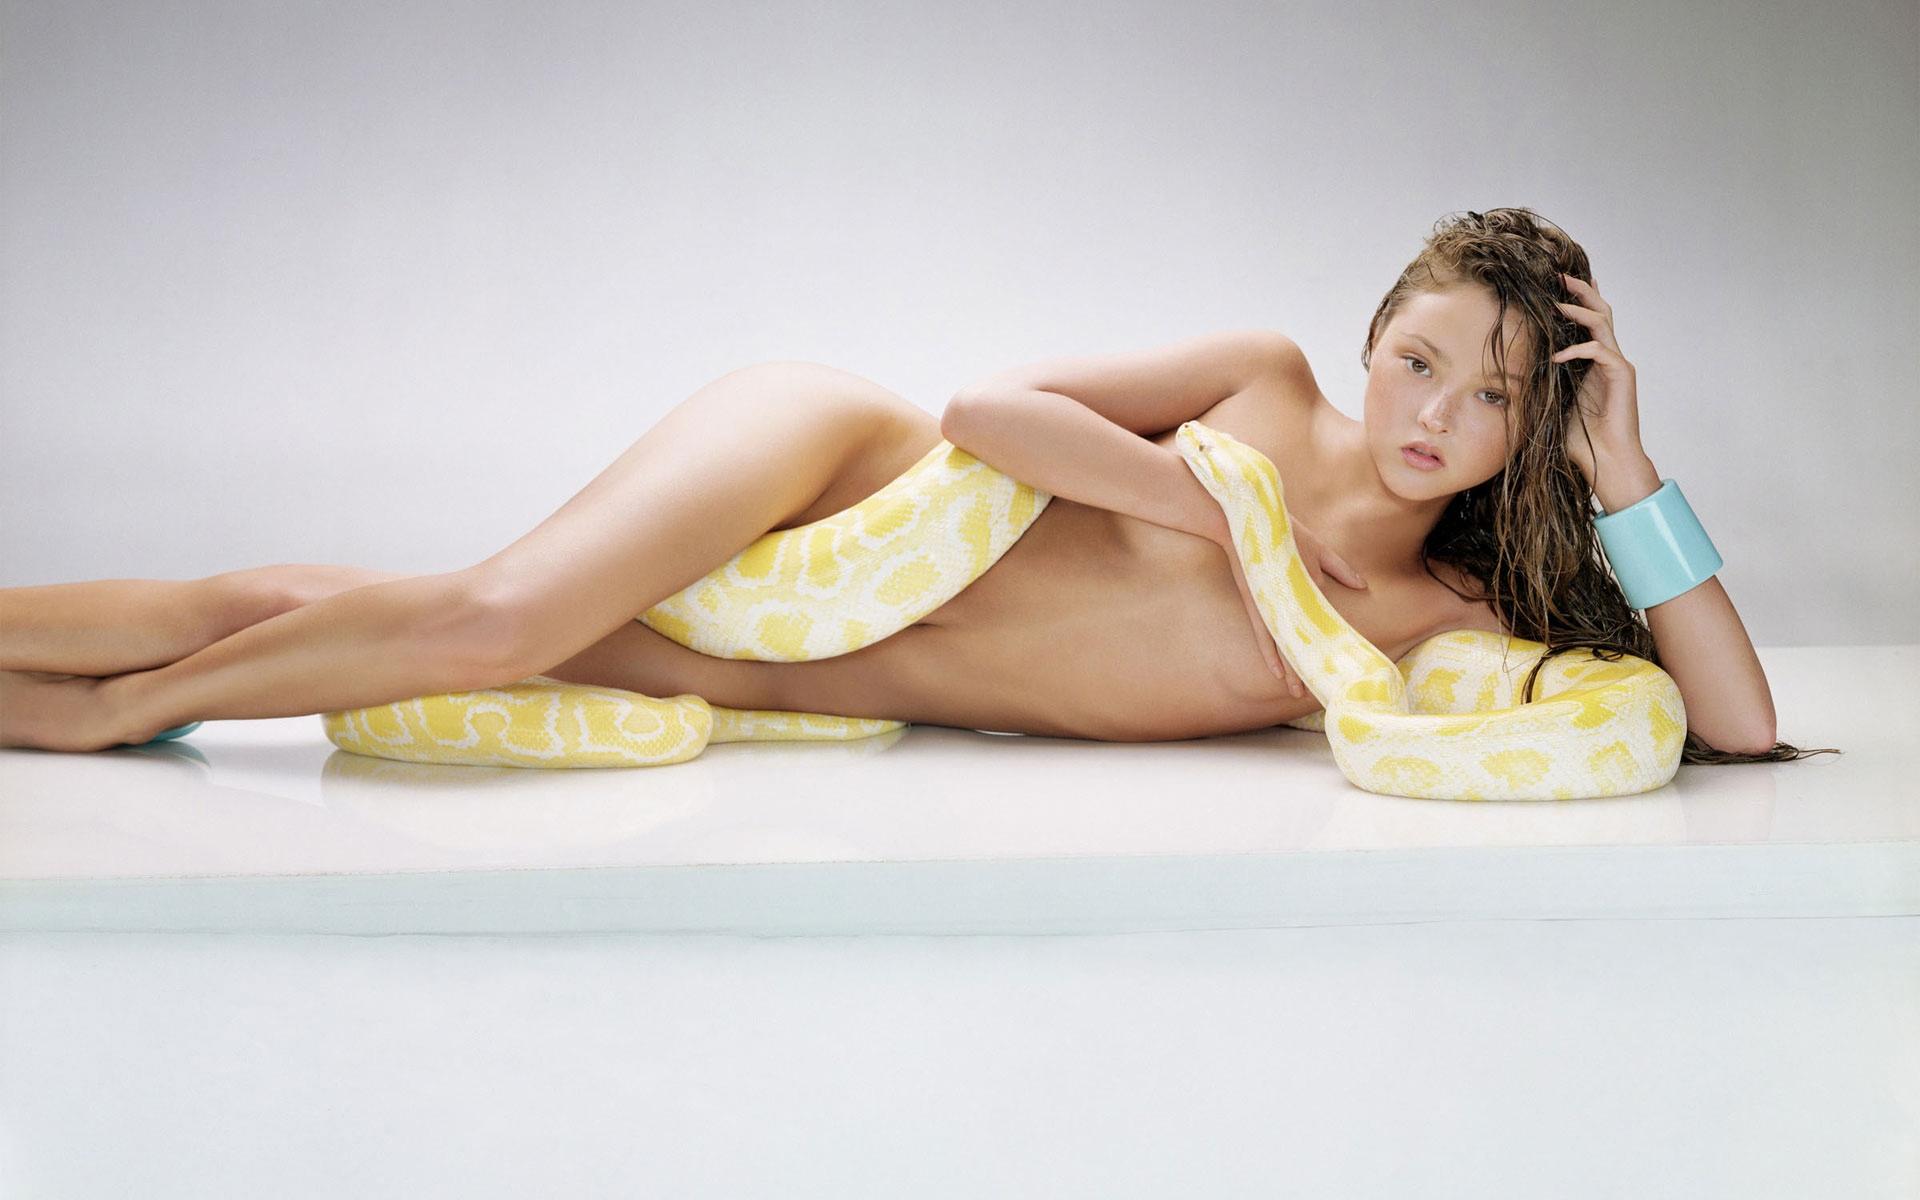 Фото голых девушек со змеями